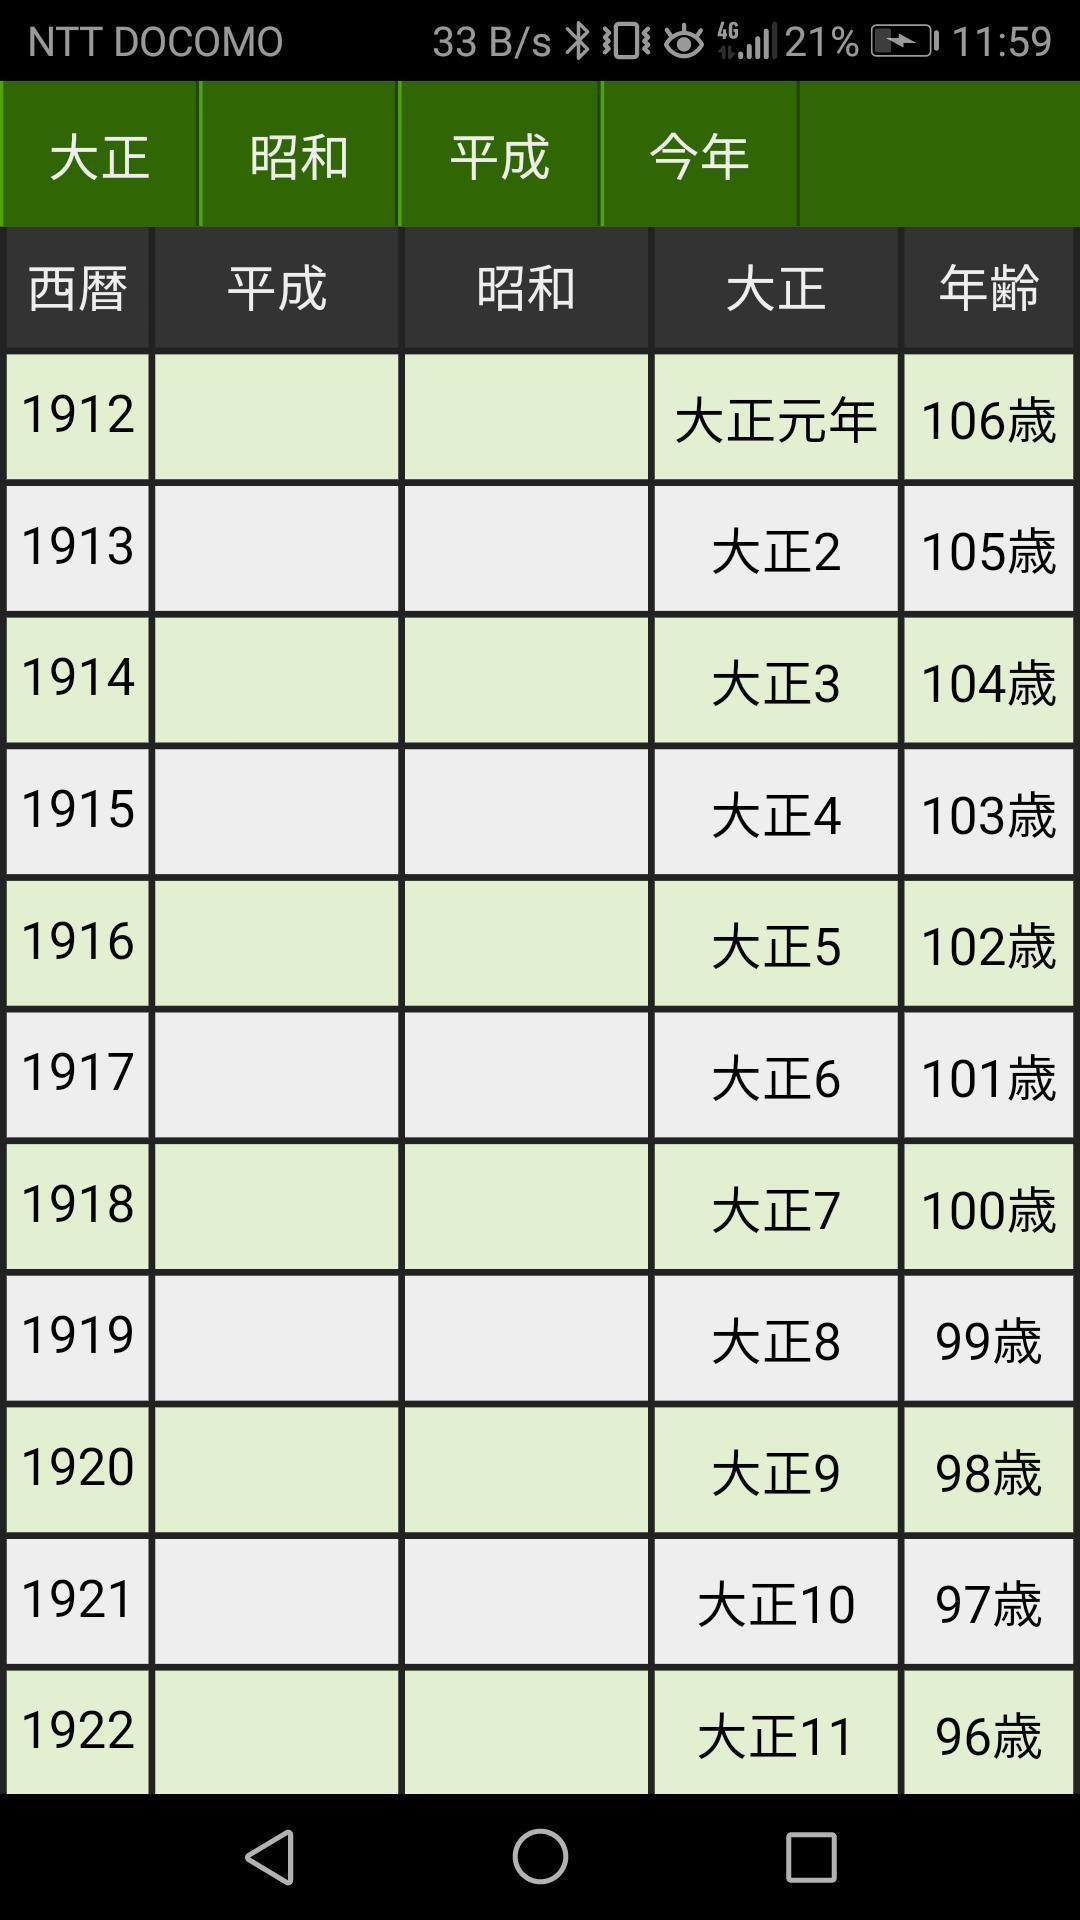 昭和 30 年 西暦 平成や昭和から西暦に変換する簡単な方法 – またはその逆